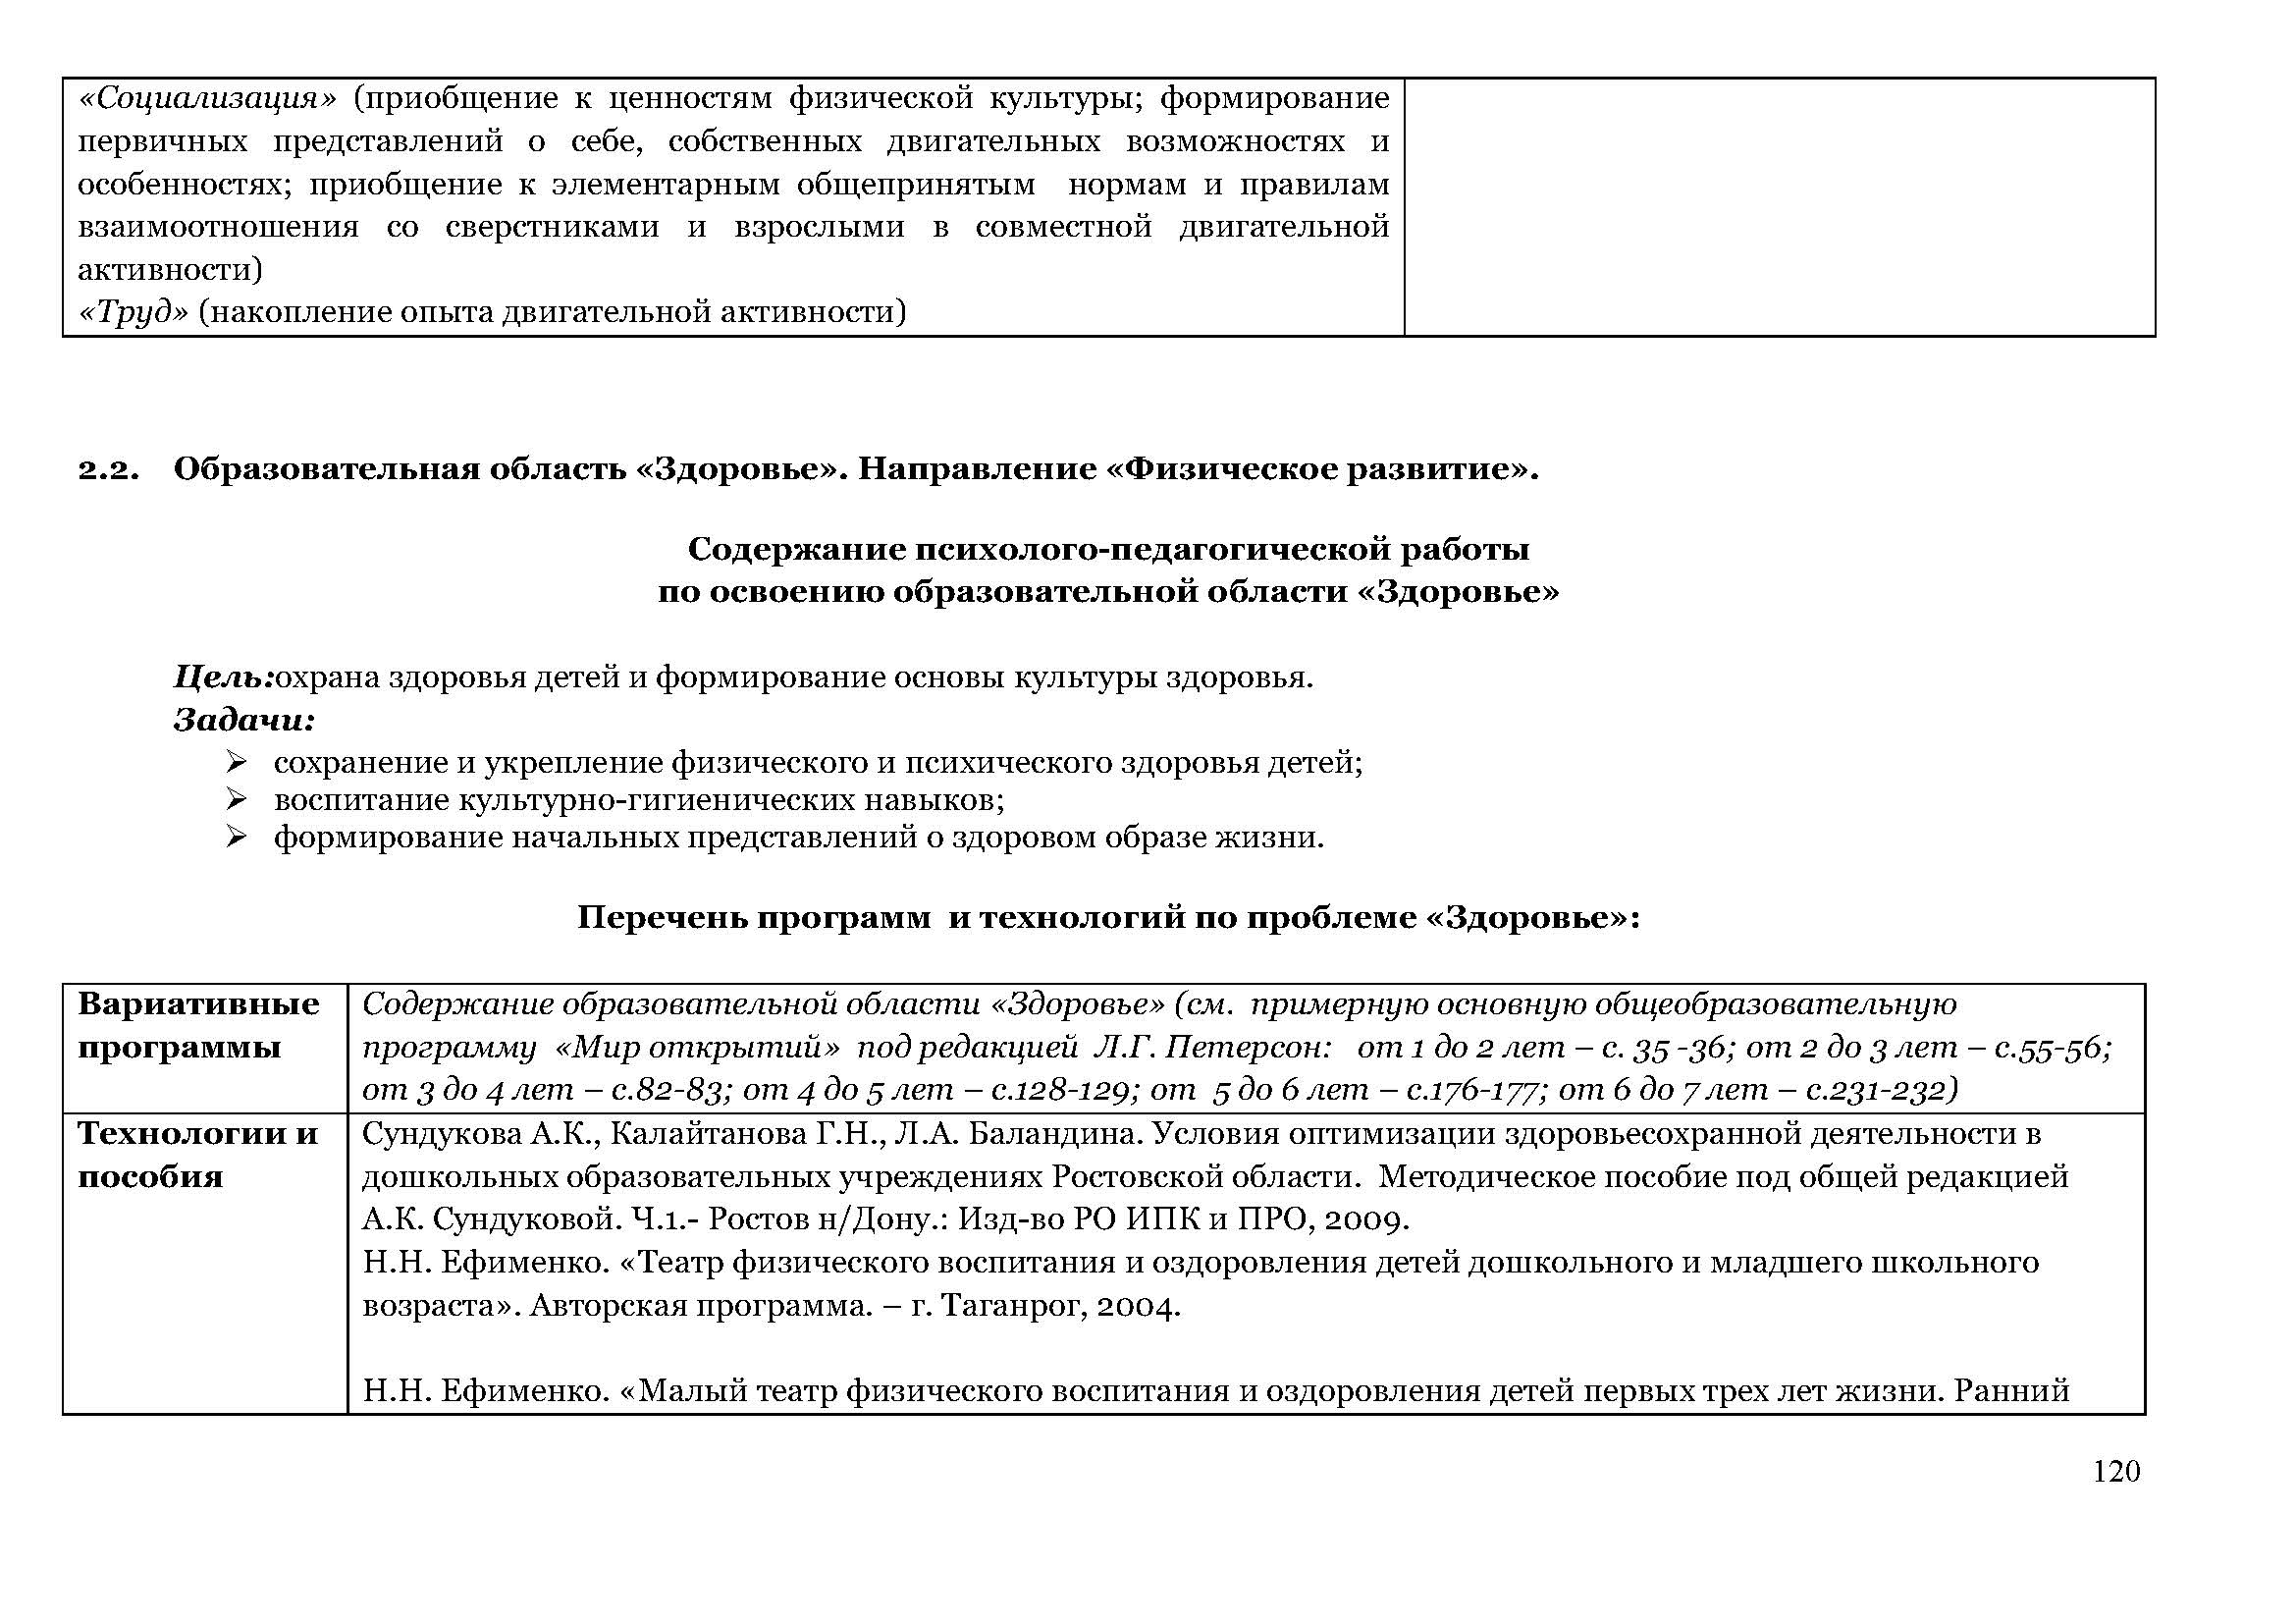 образовательная_программа_Страница_120